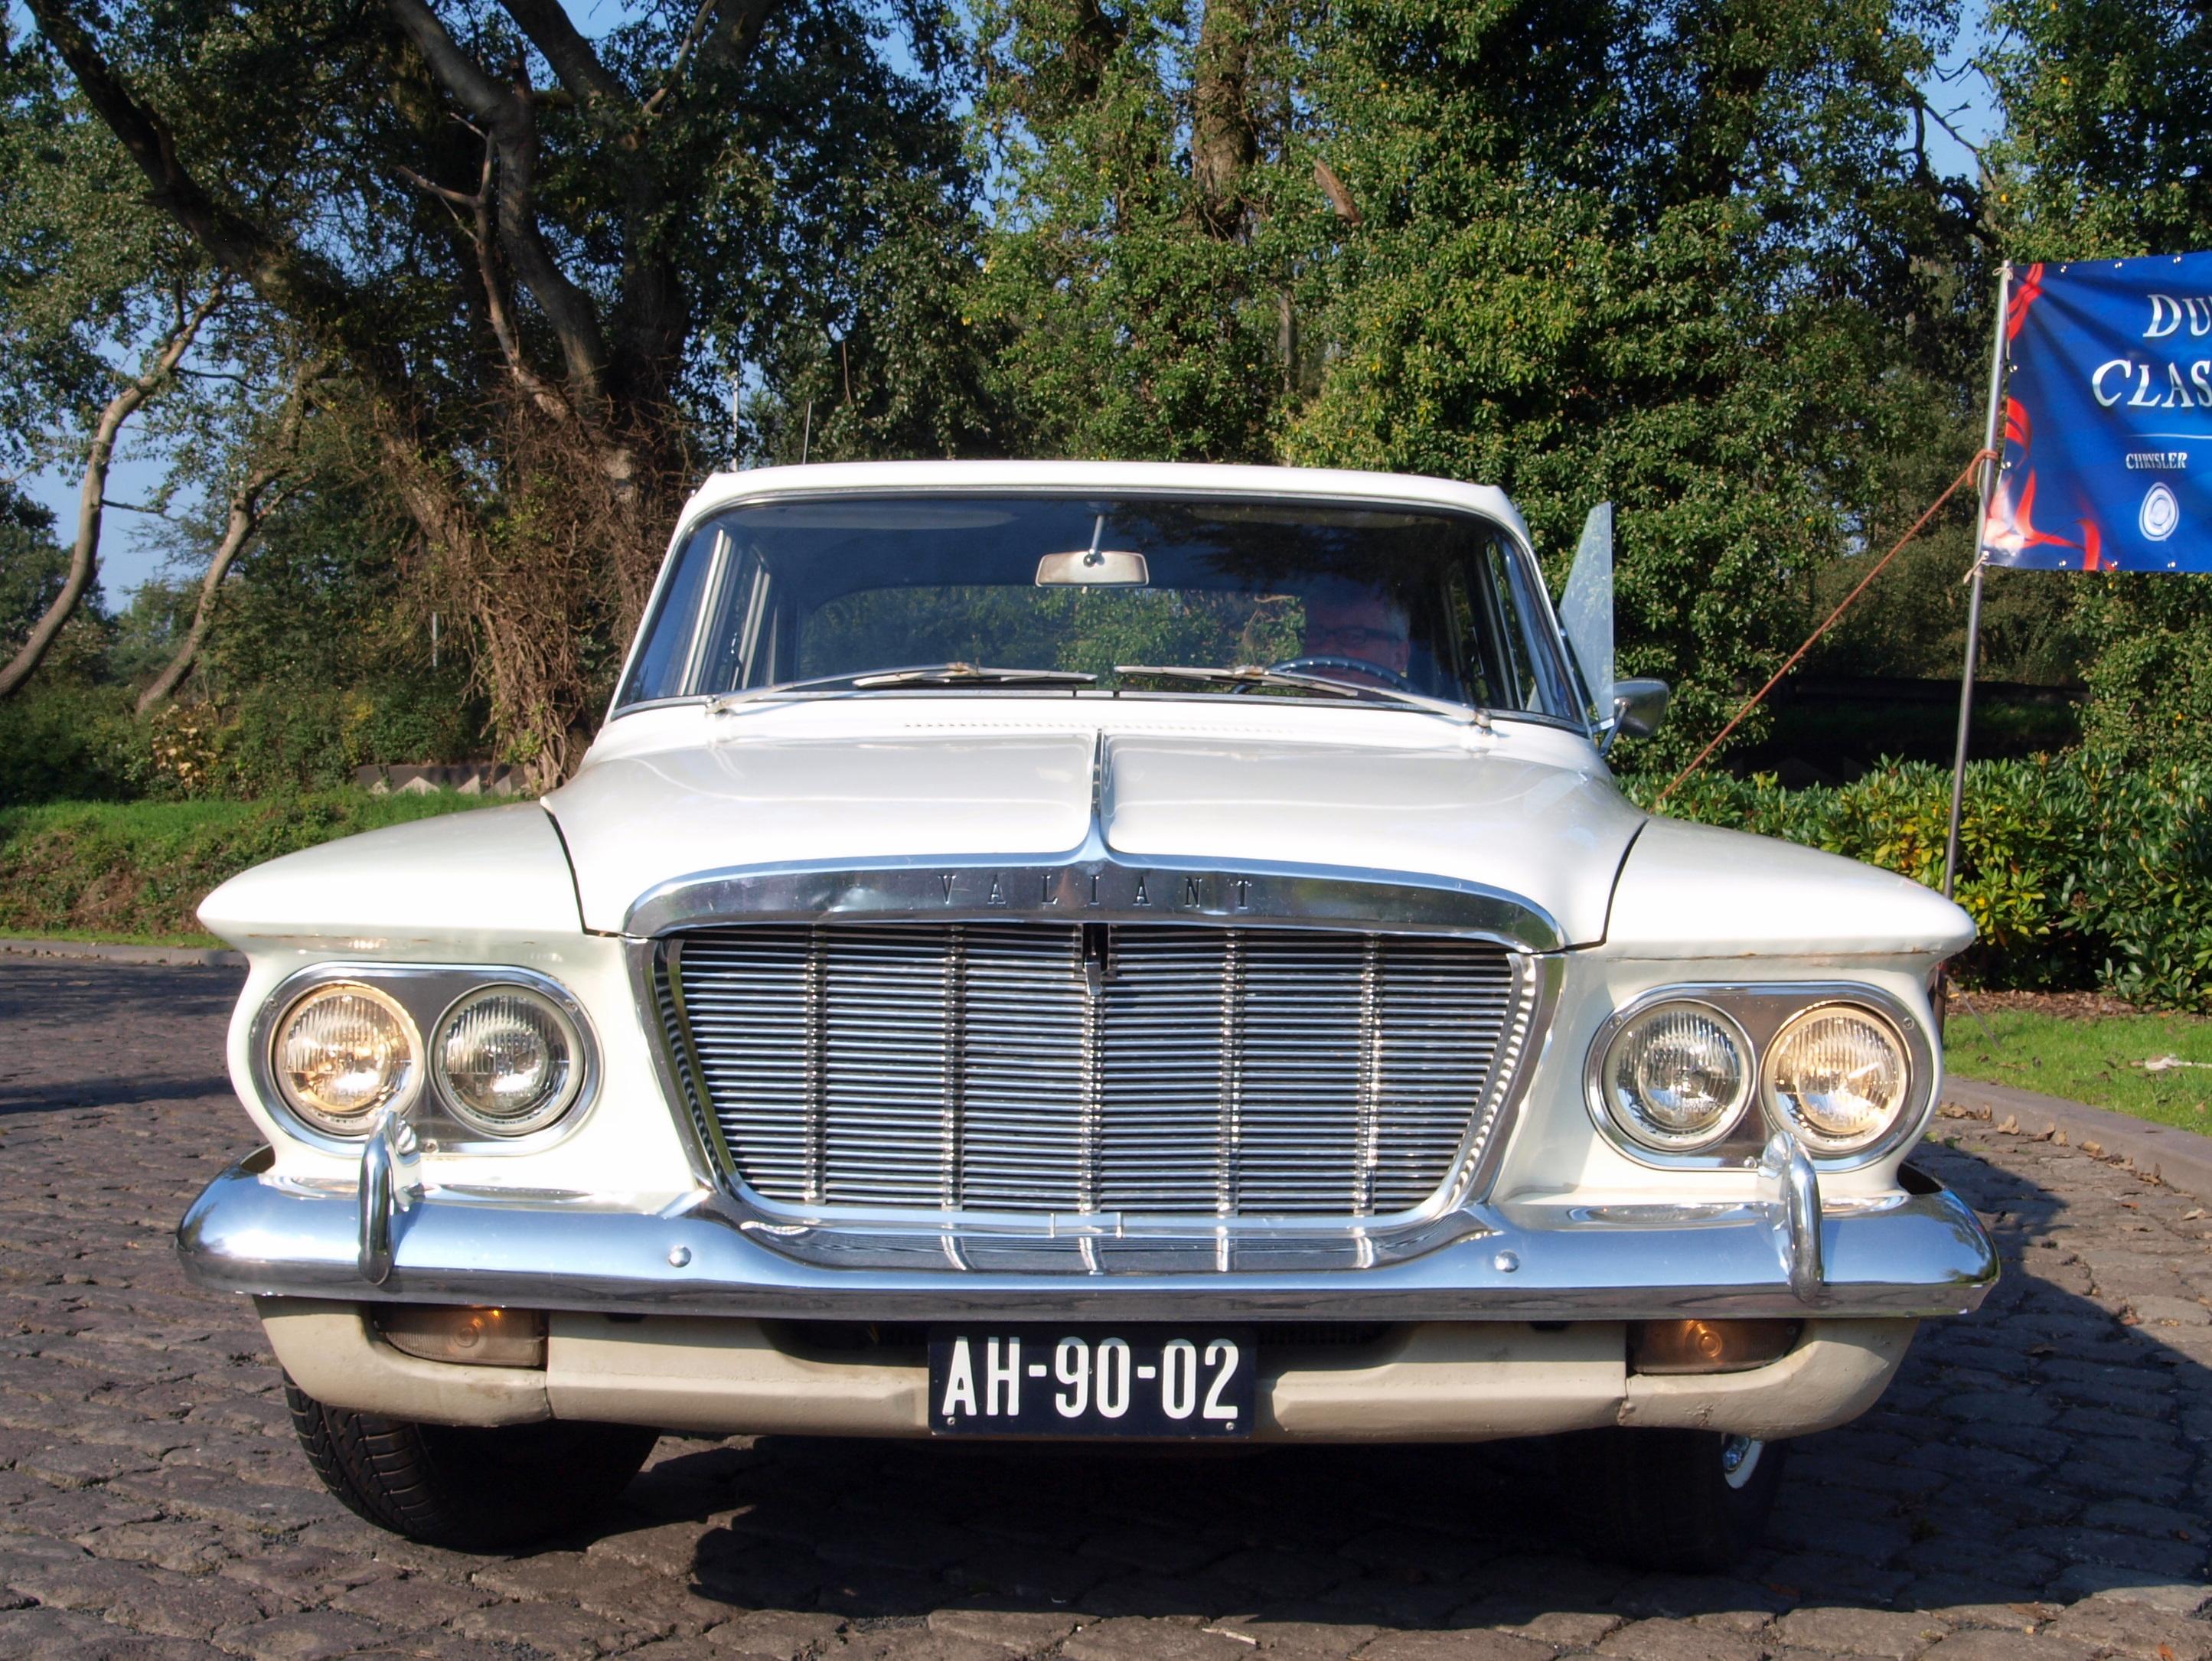 File:1962 Chrysler Valiant photo-4.JPG - Wikimedia Commons